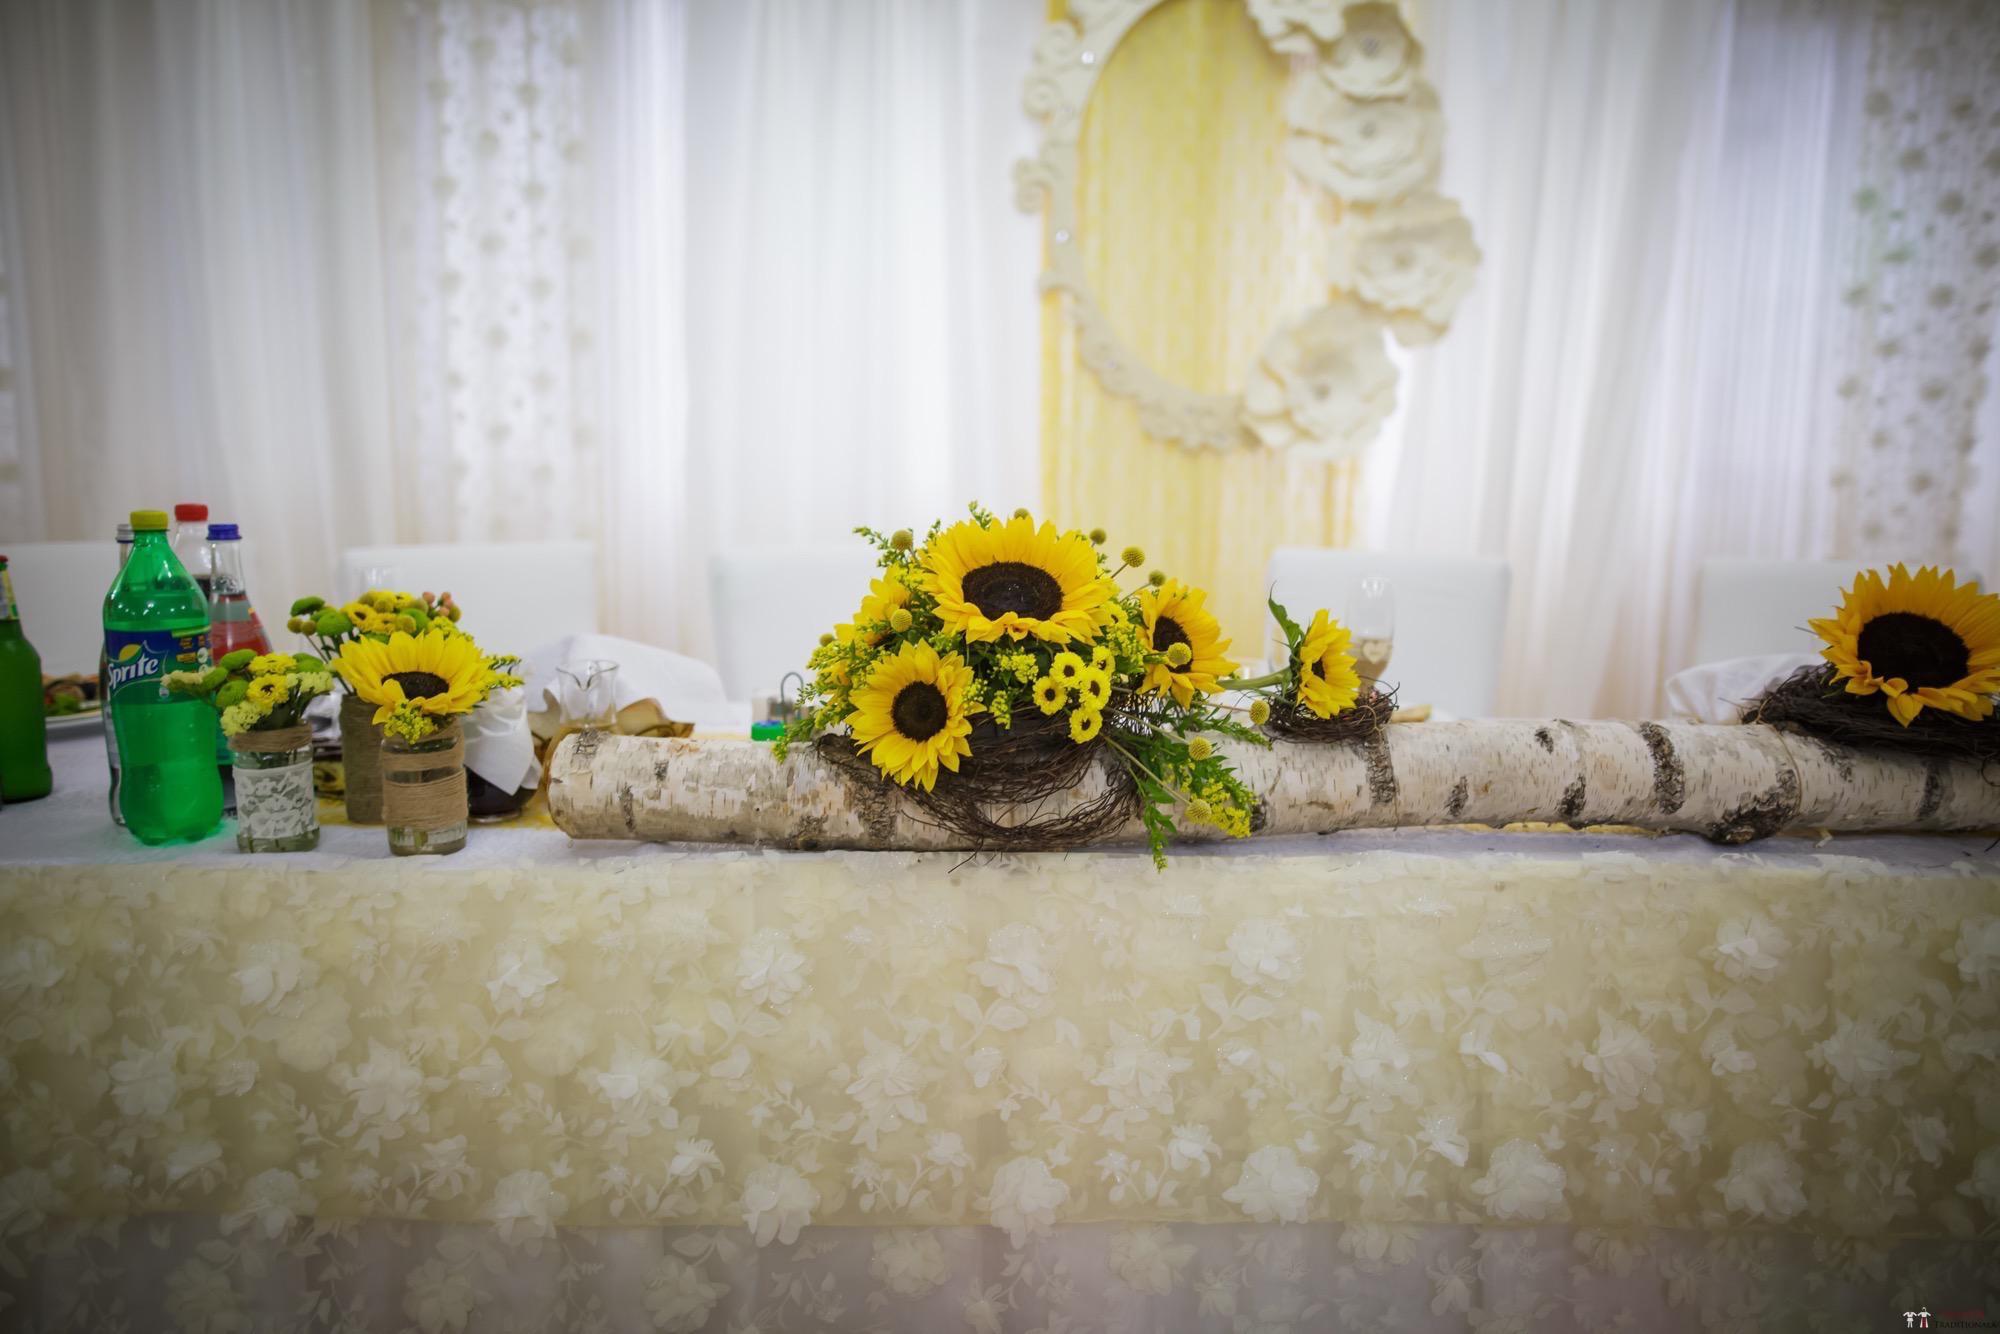 Idei și Sfaturi - Idei decorațiuni și aranjamente florale în stil tradițional 7